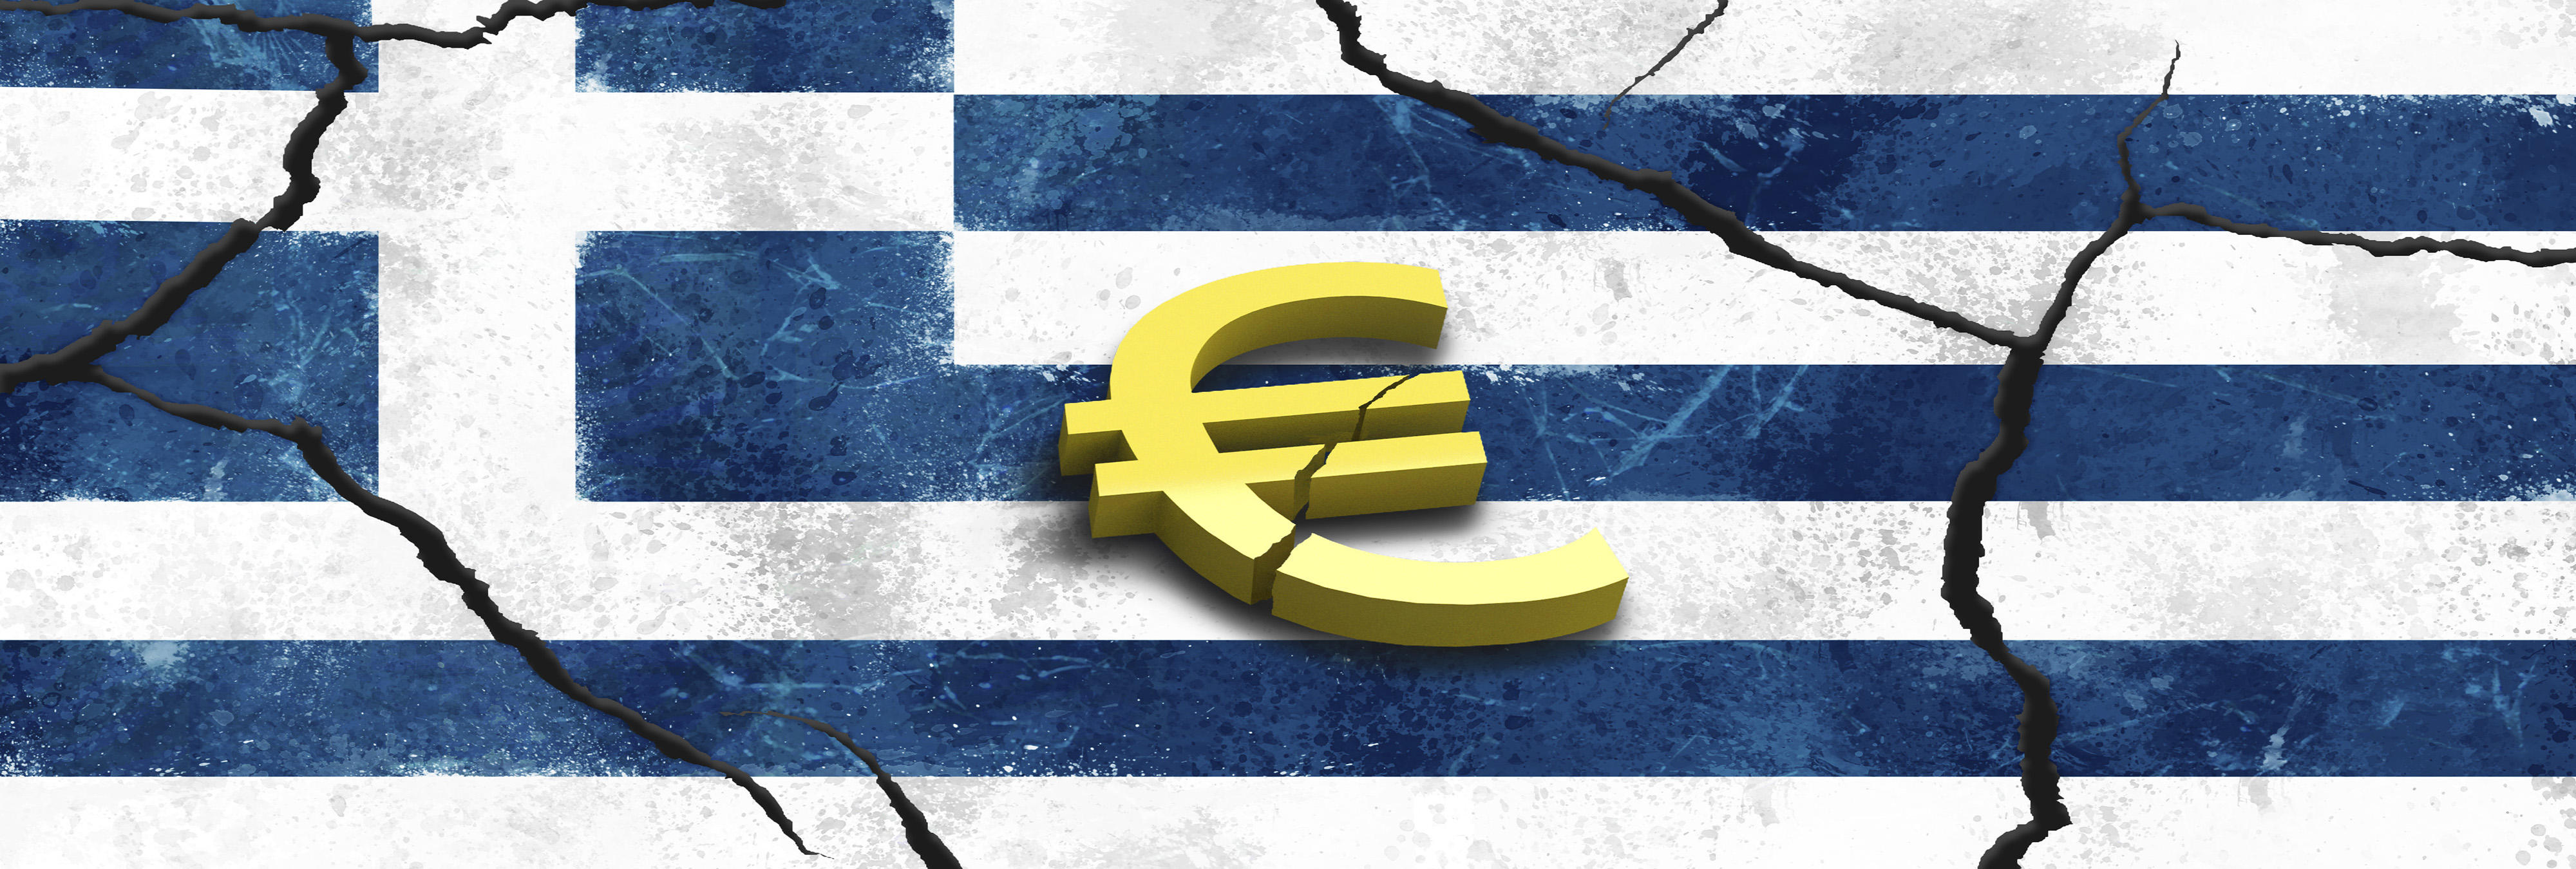 ¿En qué consiste el plan B para Europa de Varoufakis?